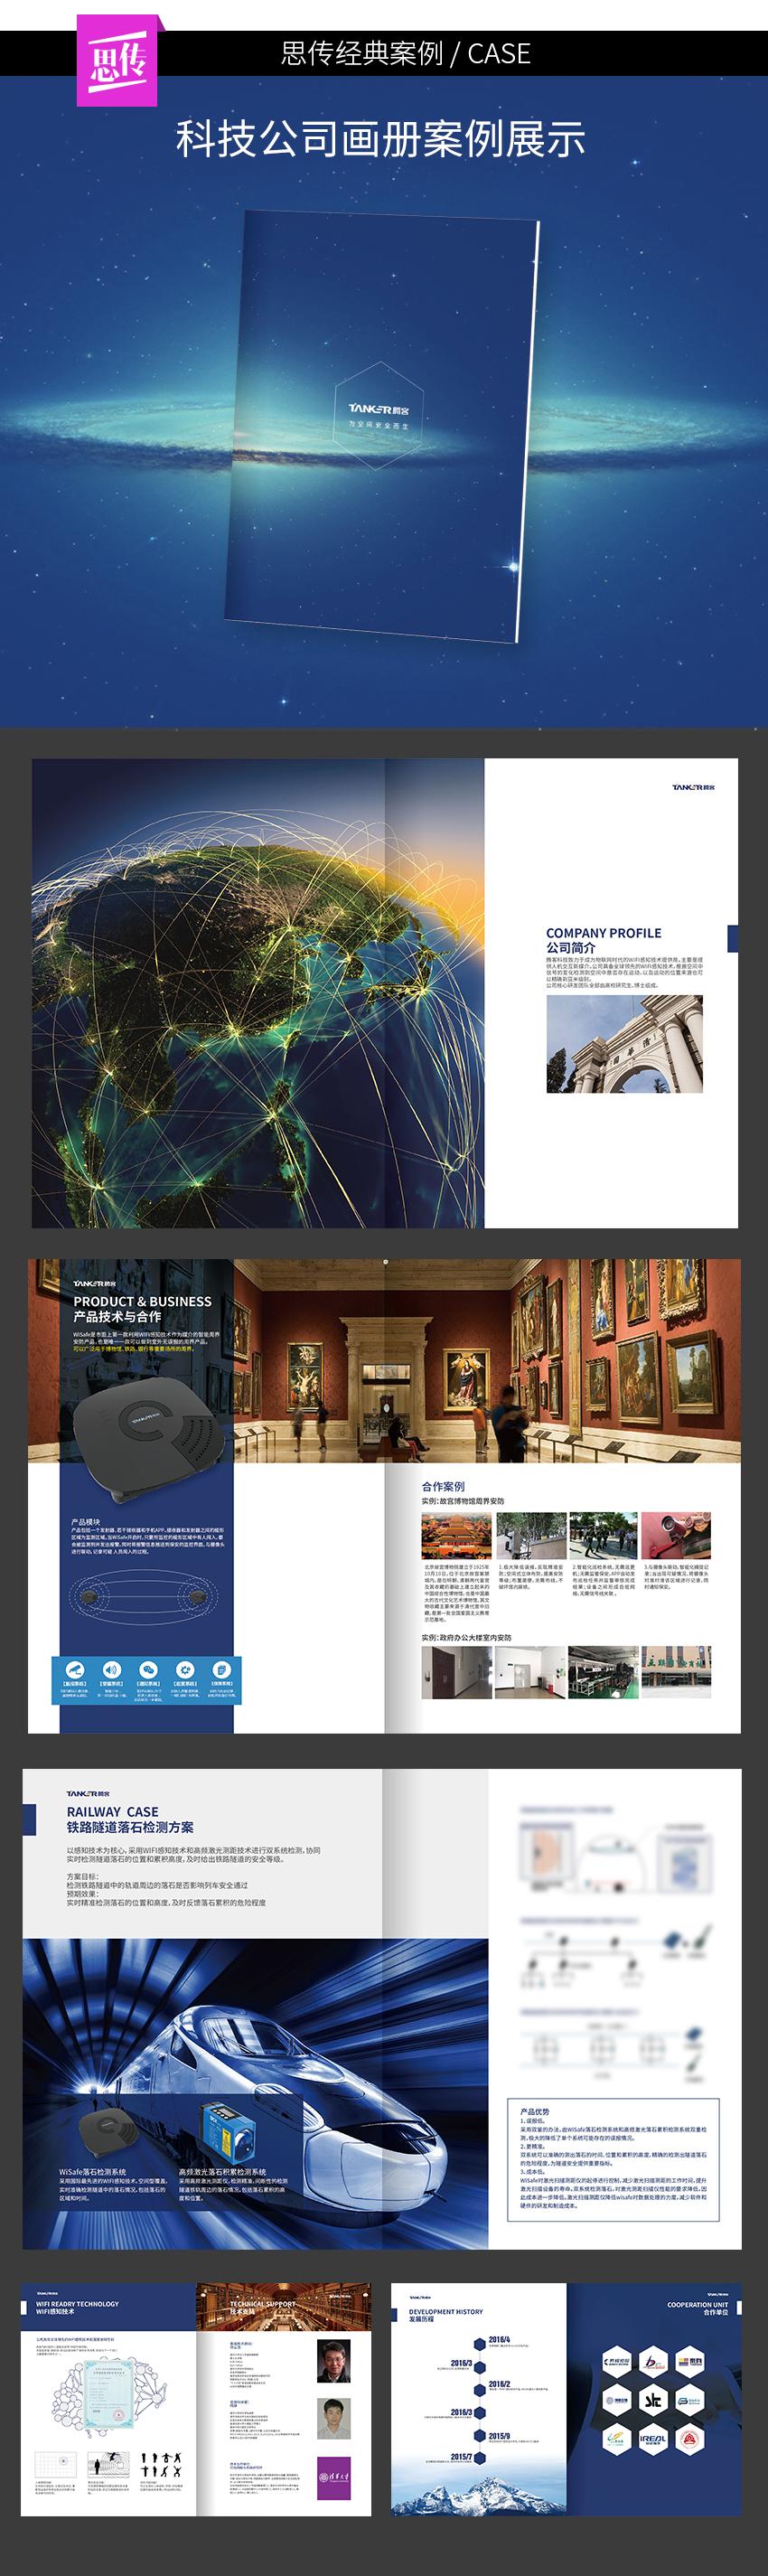 宣传册设计_思传画册手册企业产品文化教育宣传单DM期刊招商说明书折页2